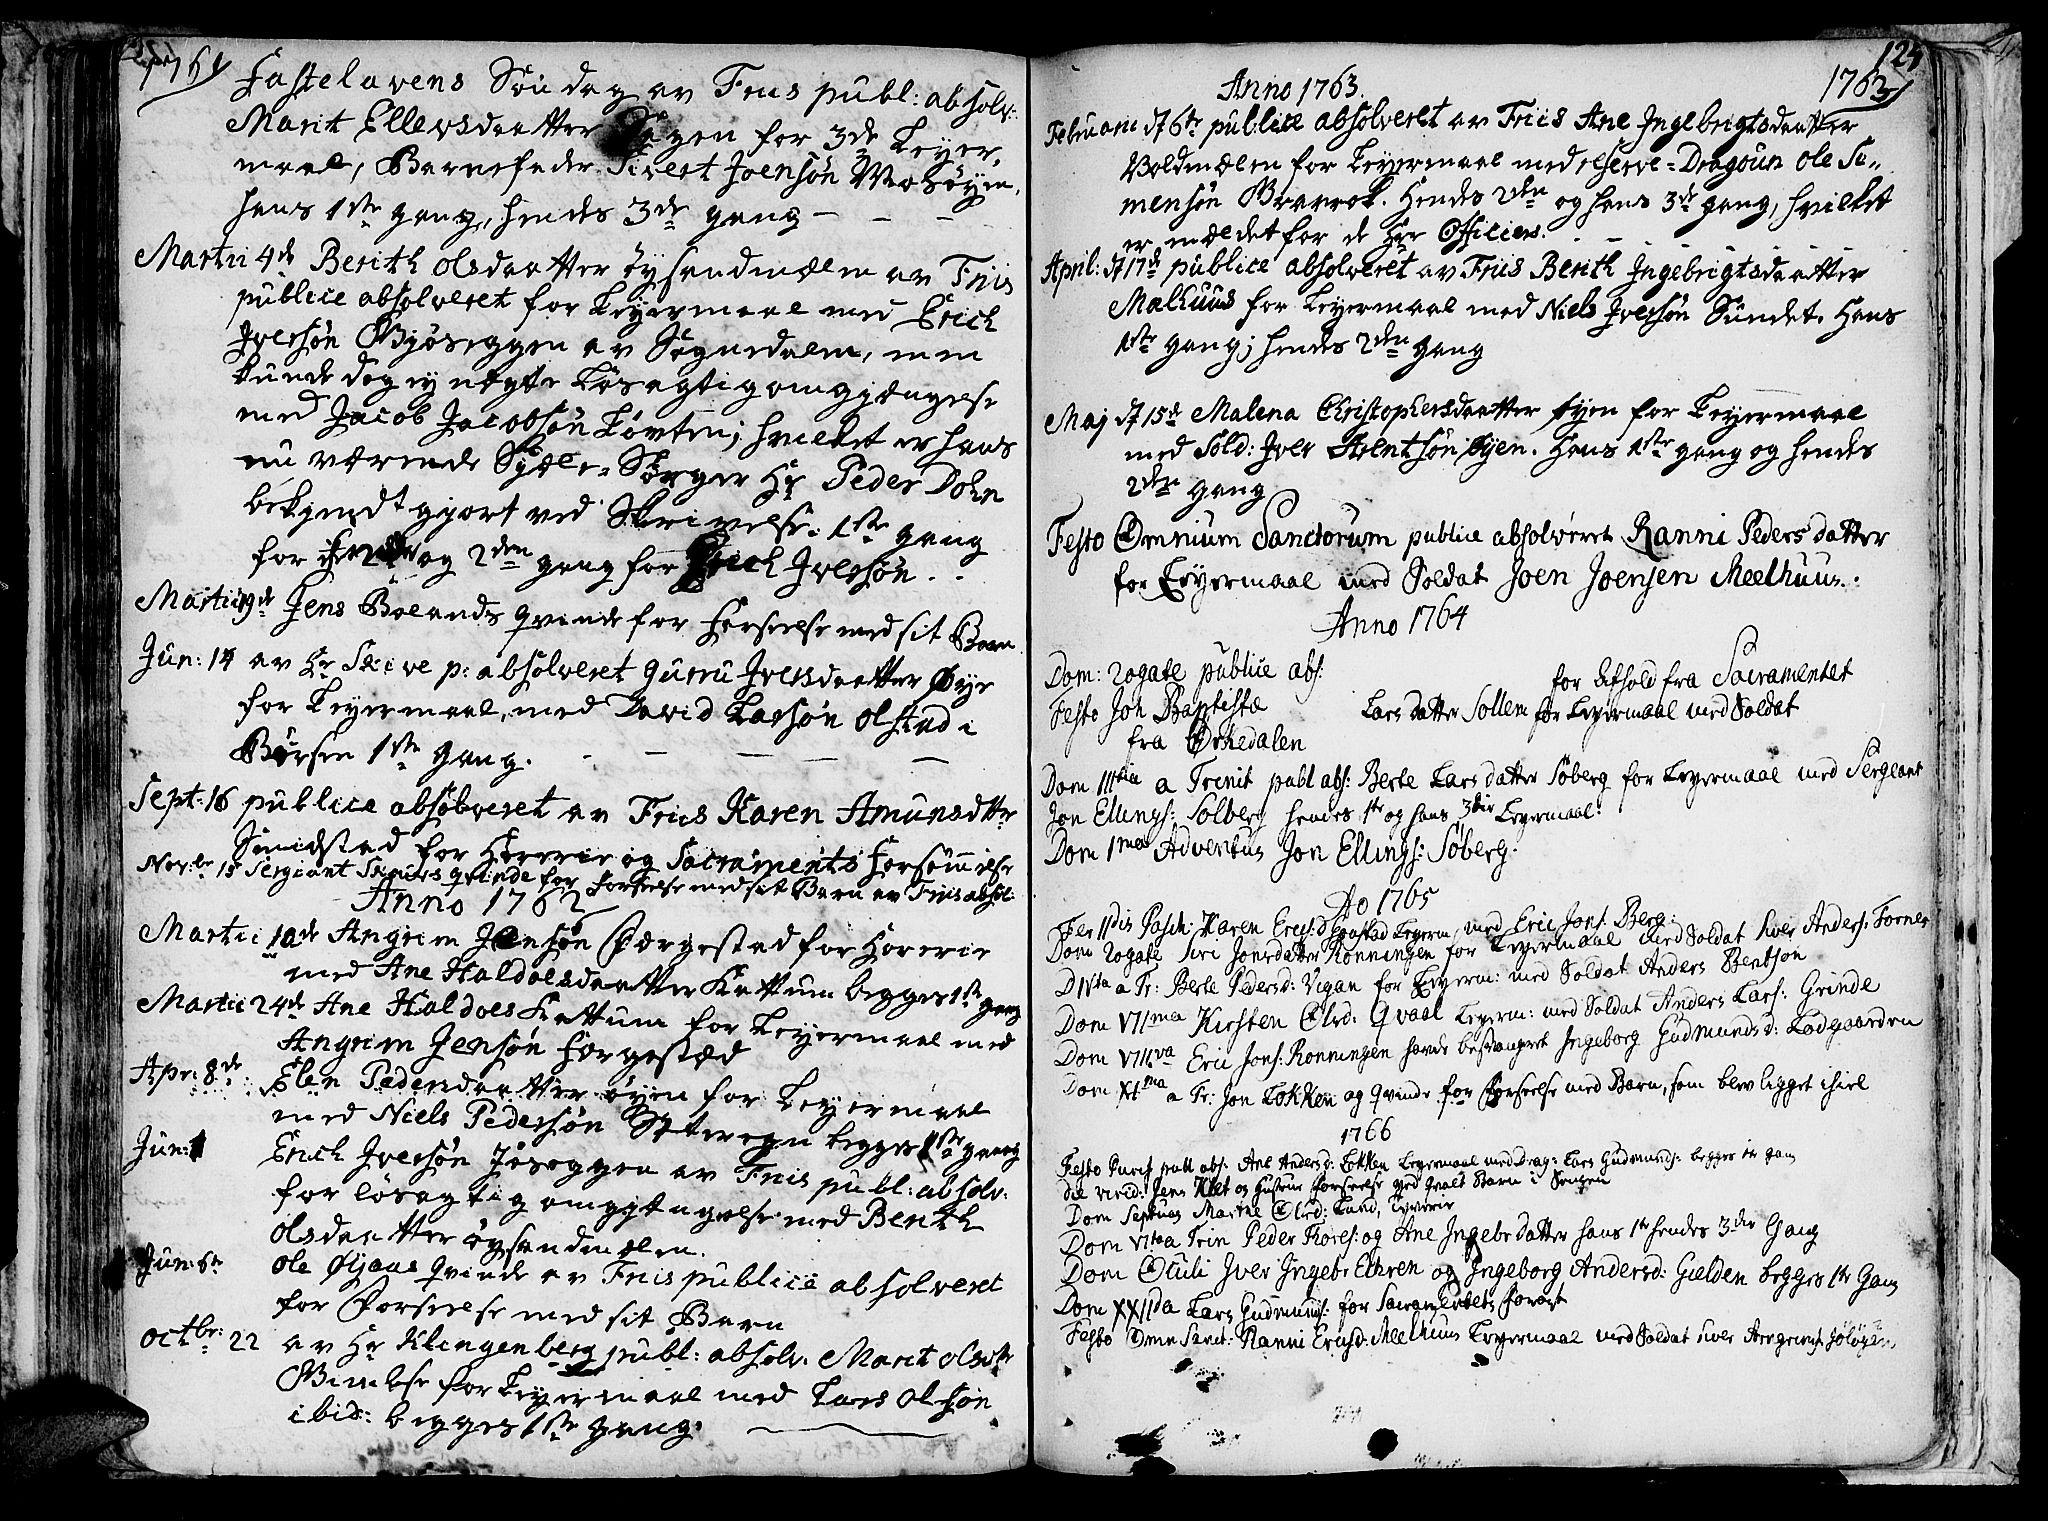 SAT, Ministerialprotokoller, klokkerbøker og fødselsregistre - Sør-Trøndelag, 691/L1057: Ministerialbok nr. 691A01 /1, 1740-1767, s. 124